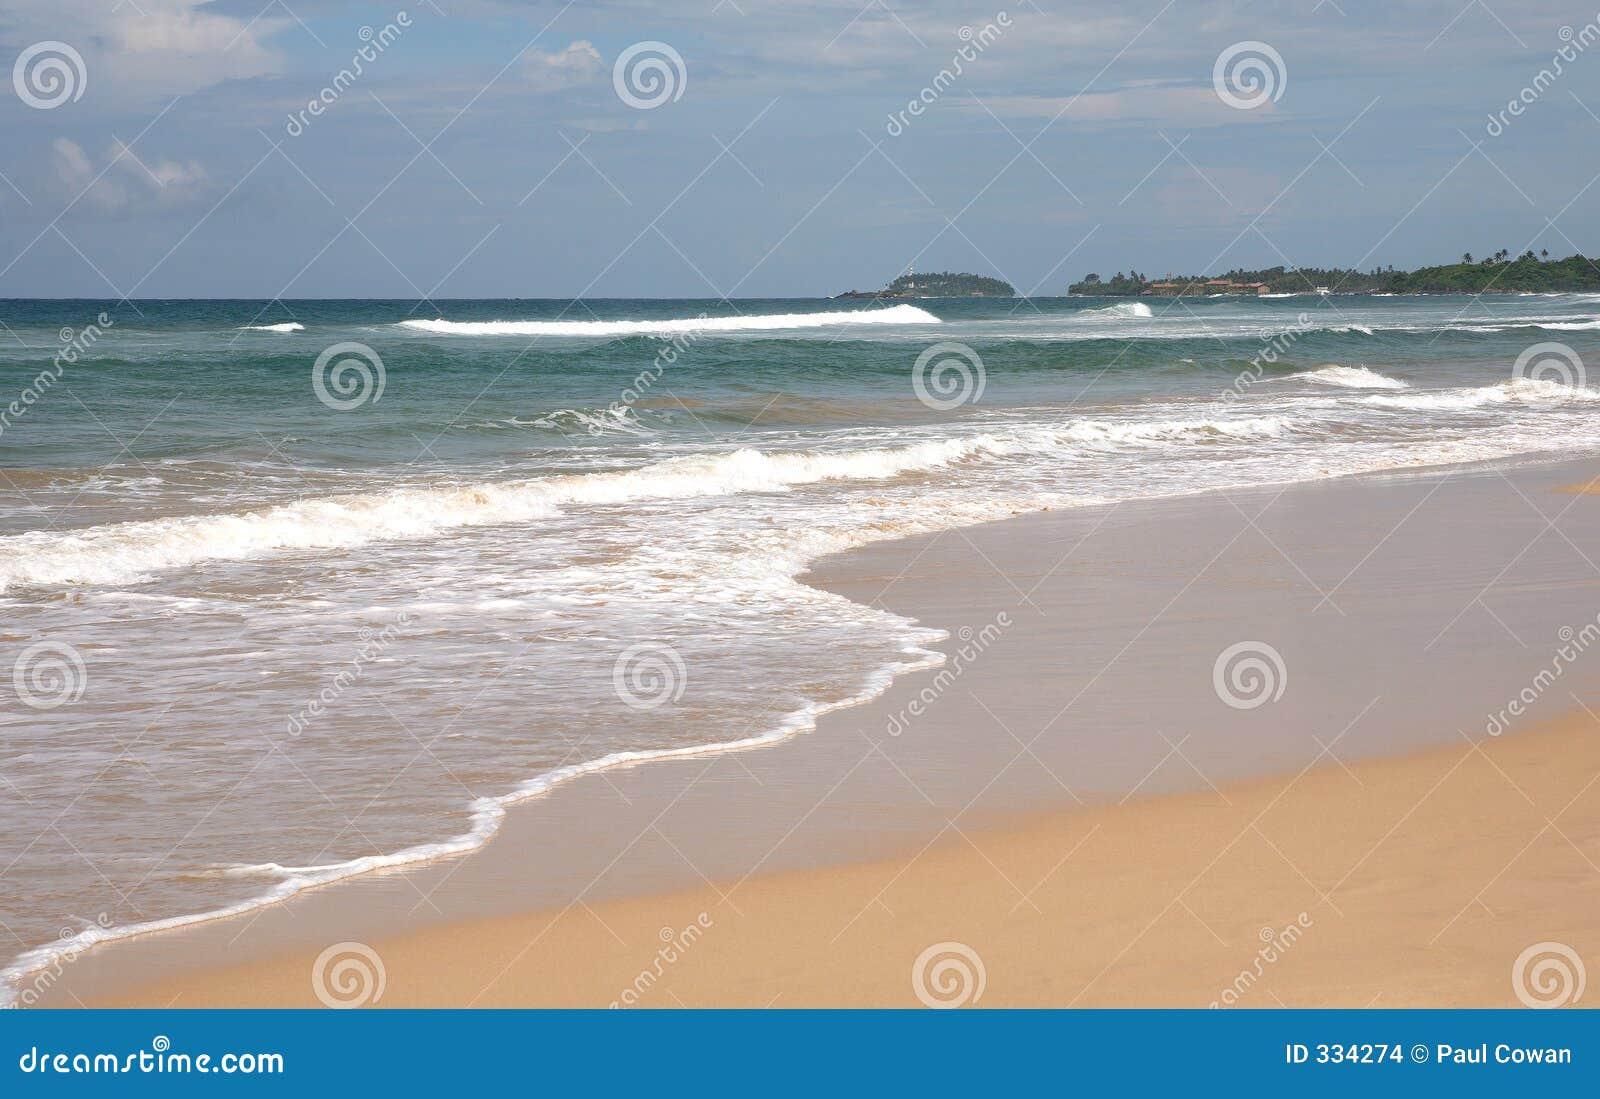 Bentota Sri Lanka  city pictures gallery : Spiaggia Di Bentota, Sri Lanka Immagini Stock Immagine: 334274